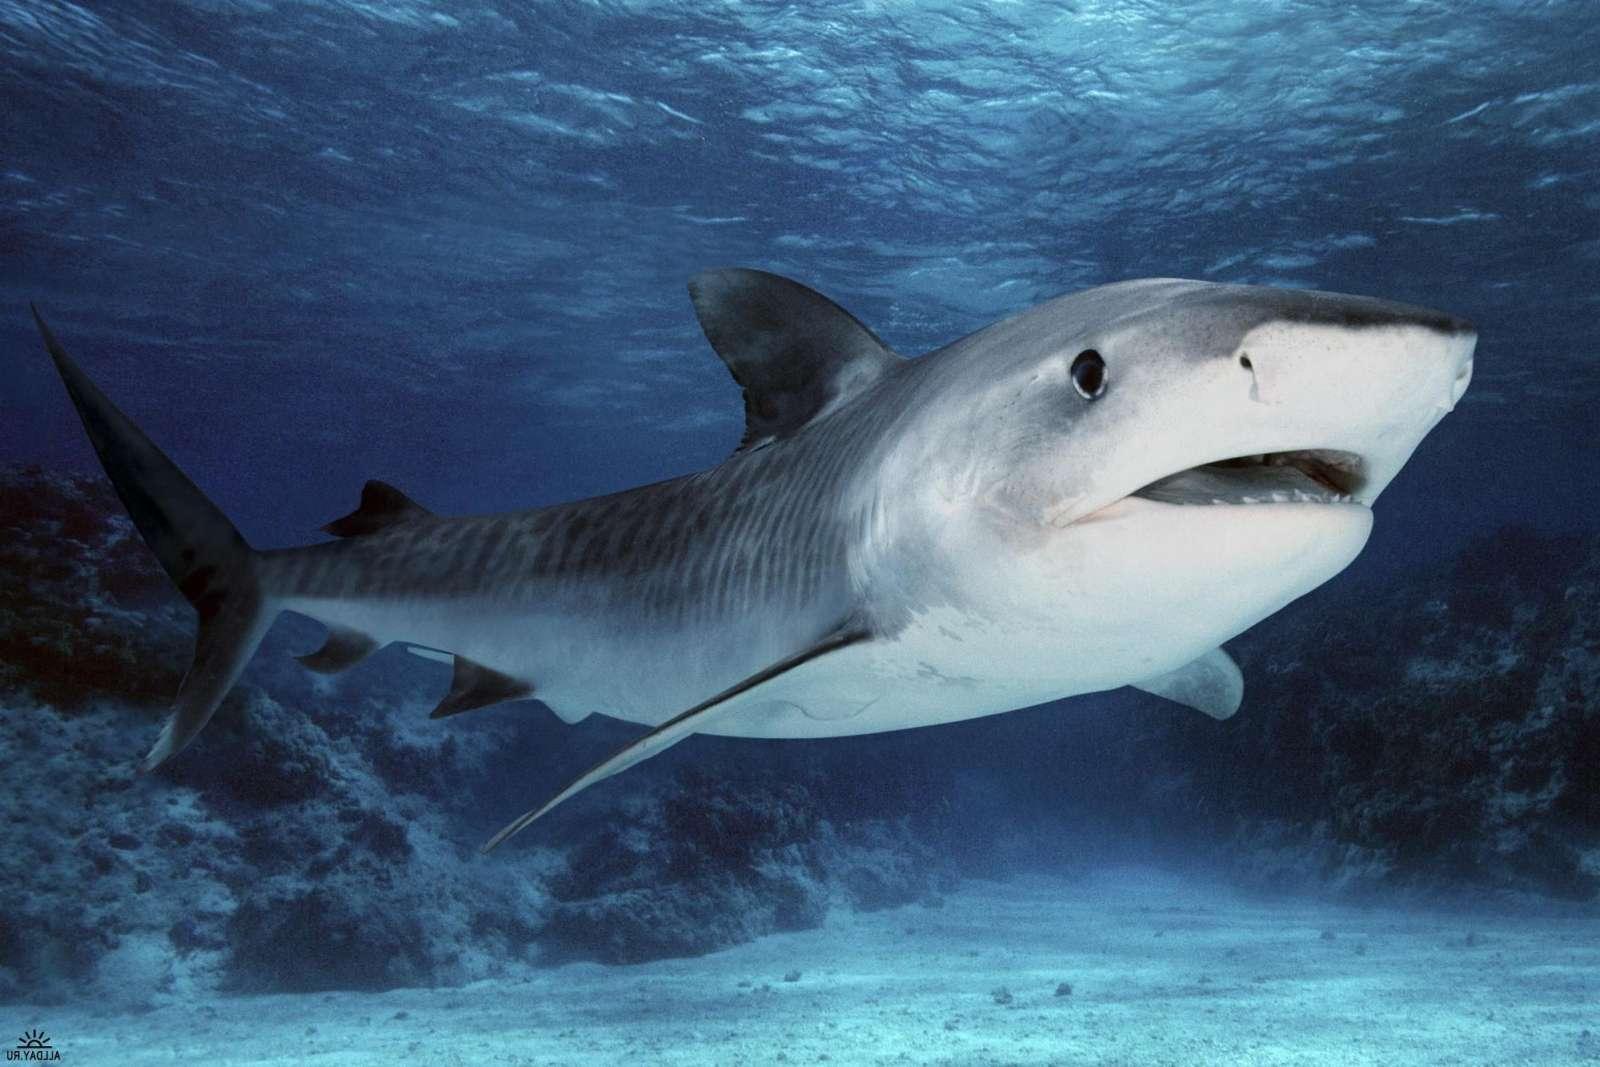 vr видео акула смотреть бесплатно